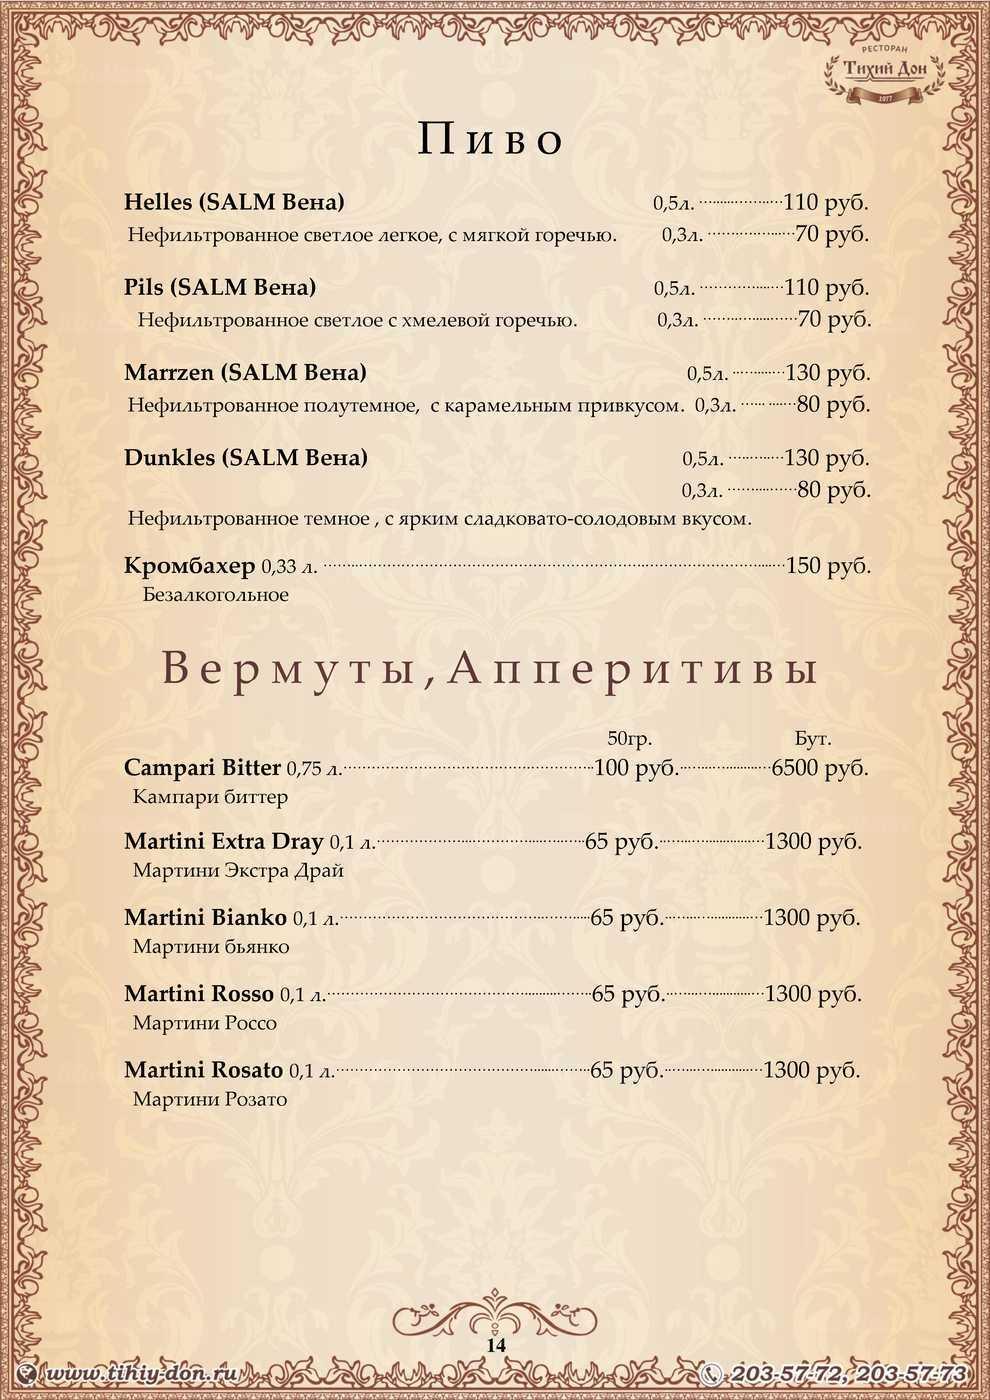 Меню ресторана Тихий Дон в Береговой фото 14